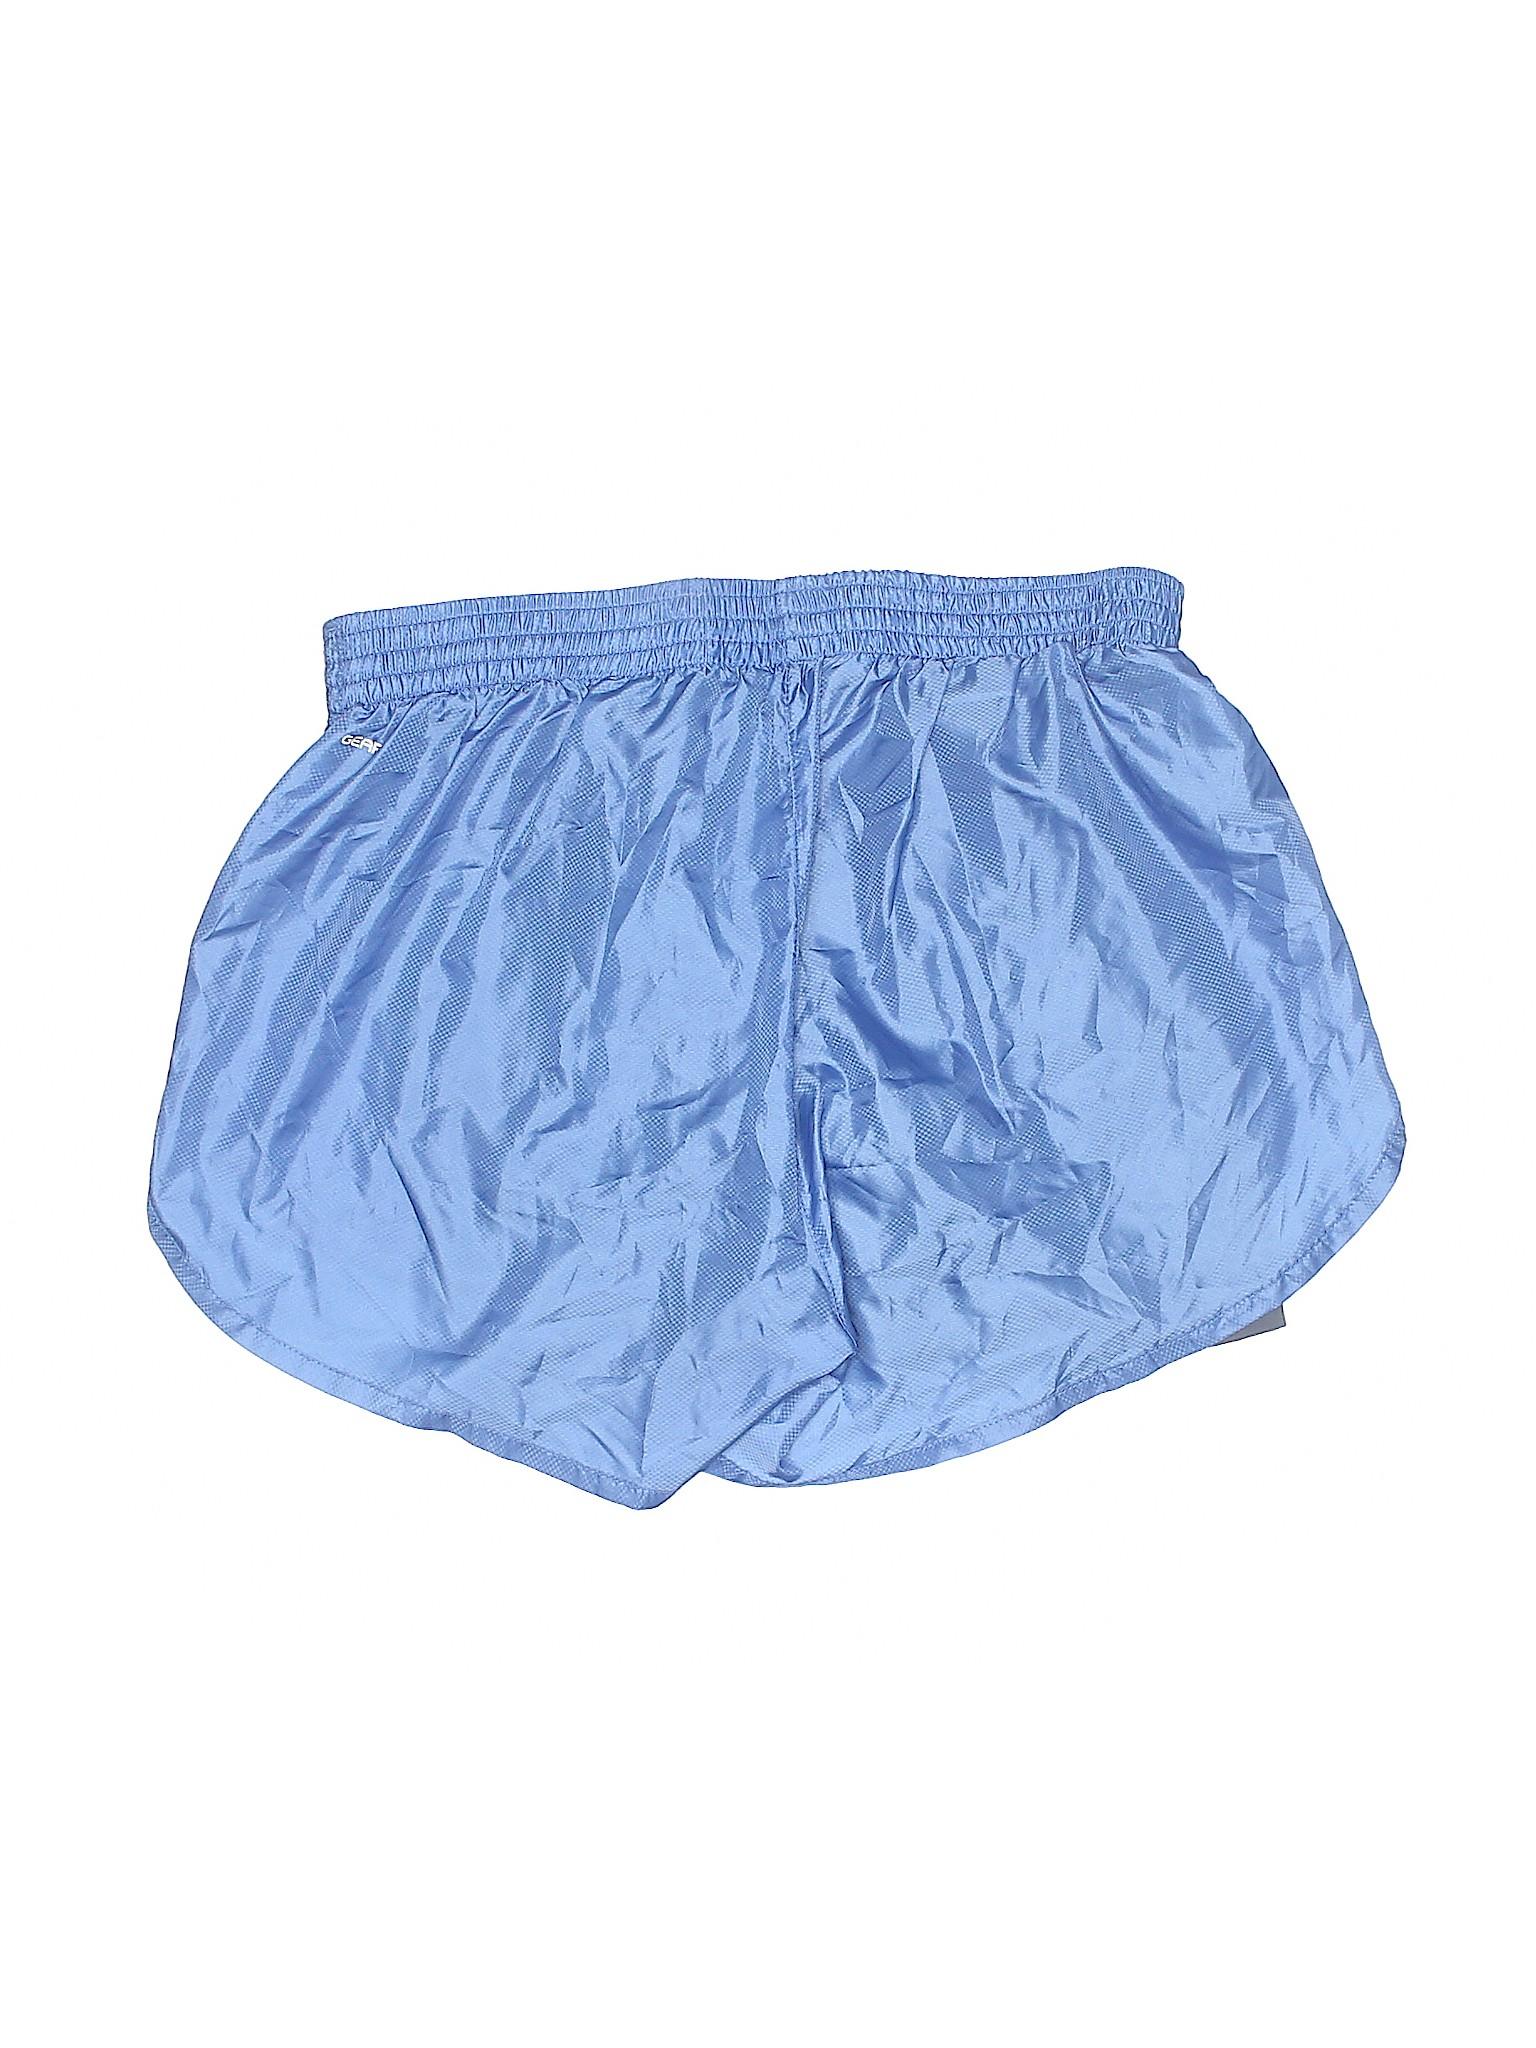 Shorts Shorts Athletic Athletic Boutique Champion Champion Athletic Boutique Shorts Boutique Boutique Champion qxHRU